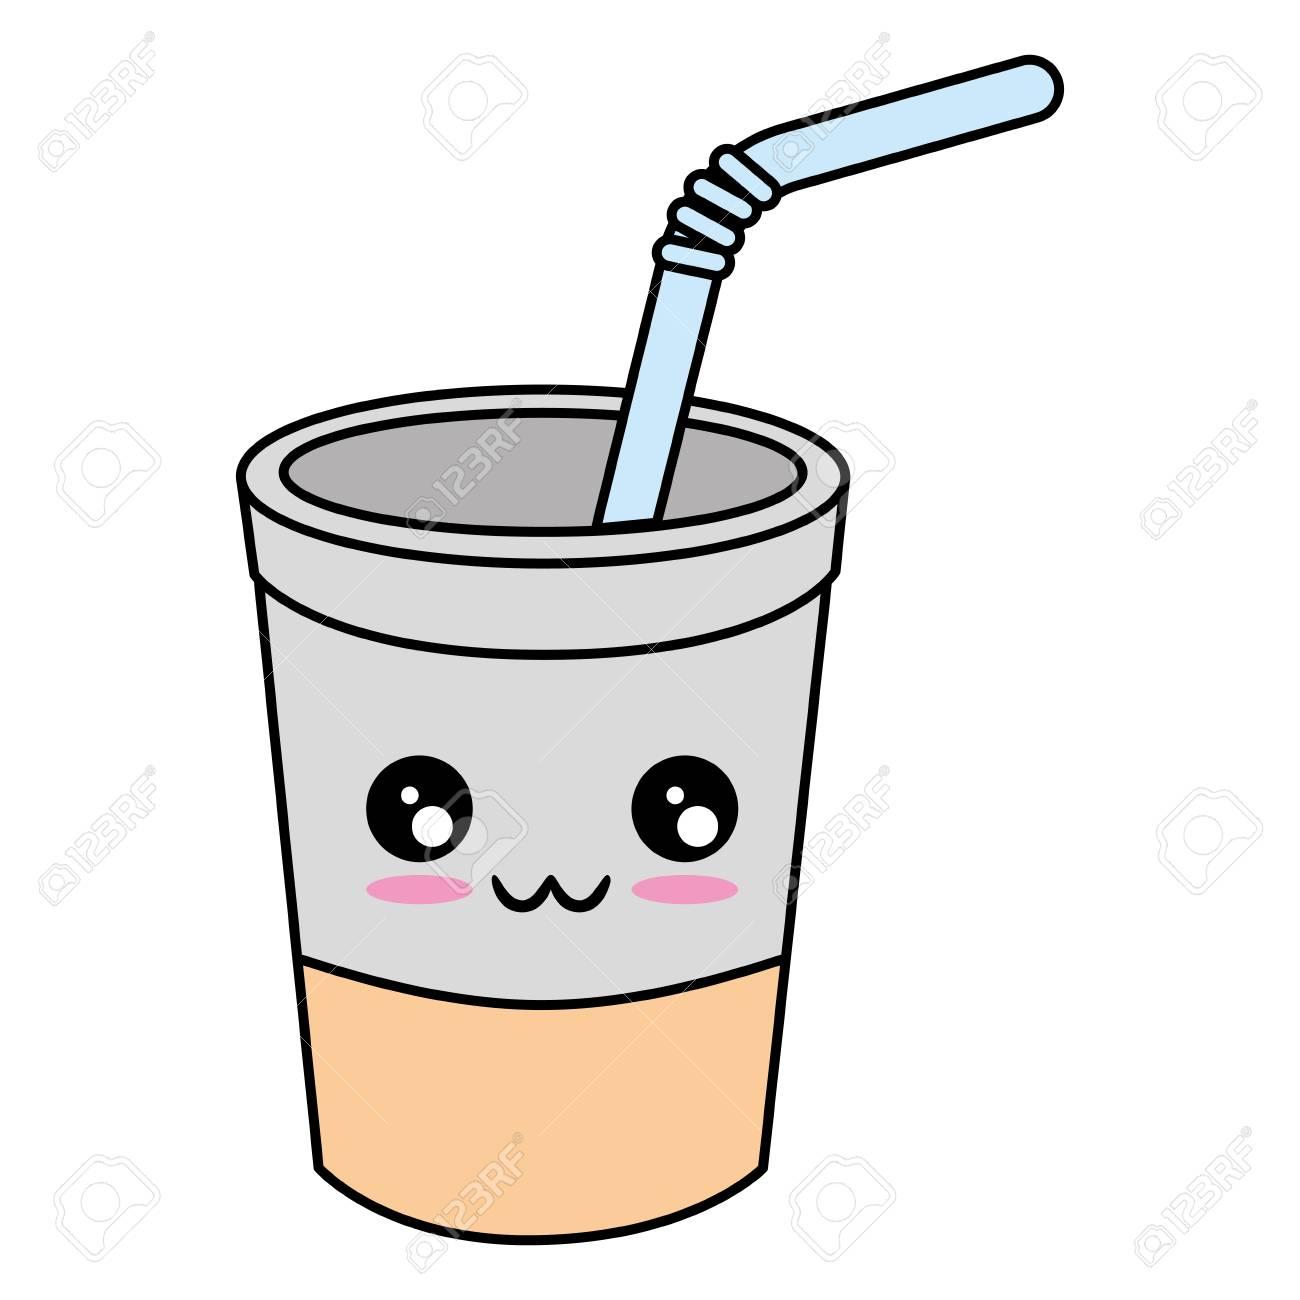 Cafe A Faire Mignon Dessin Anime Illustration Vectorielle Clip Art Libres De Droits Vecteurs Et Illustration Image 84524722